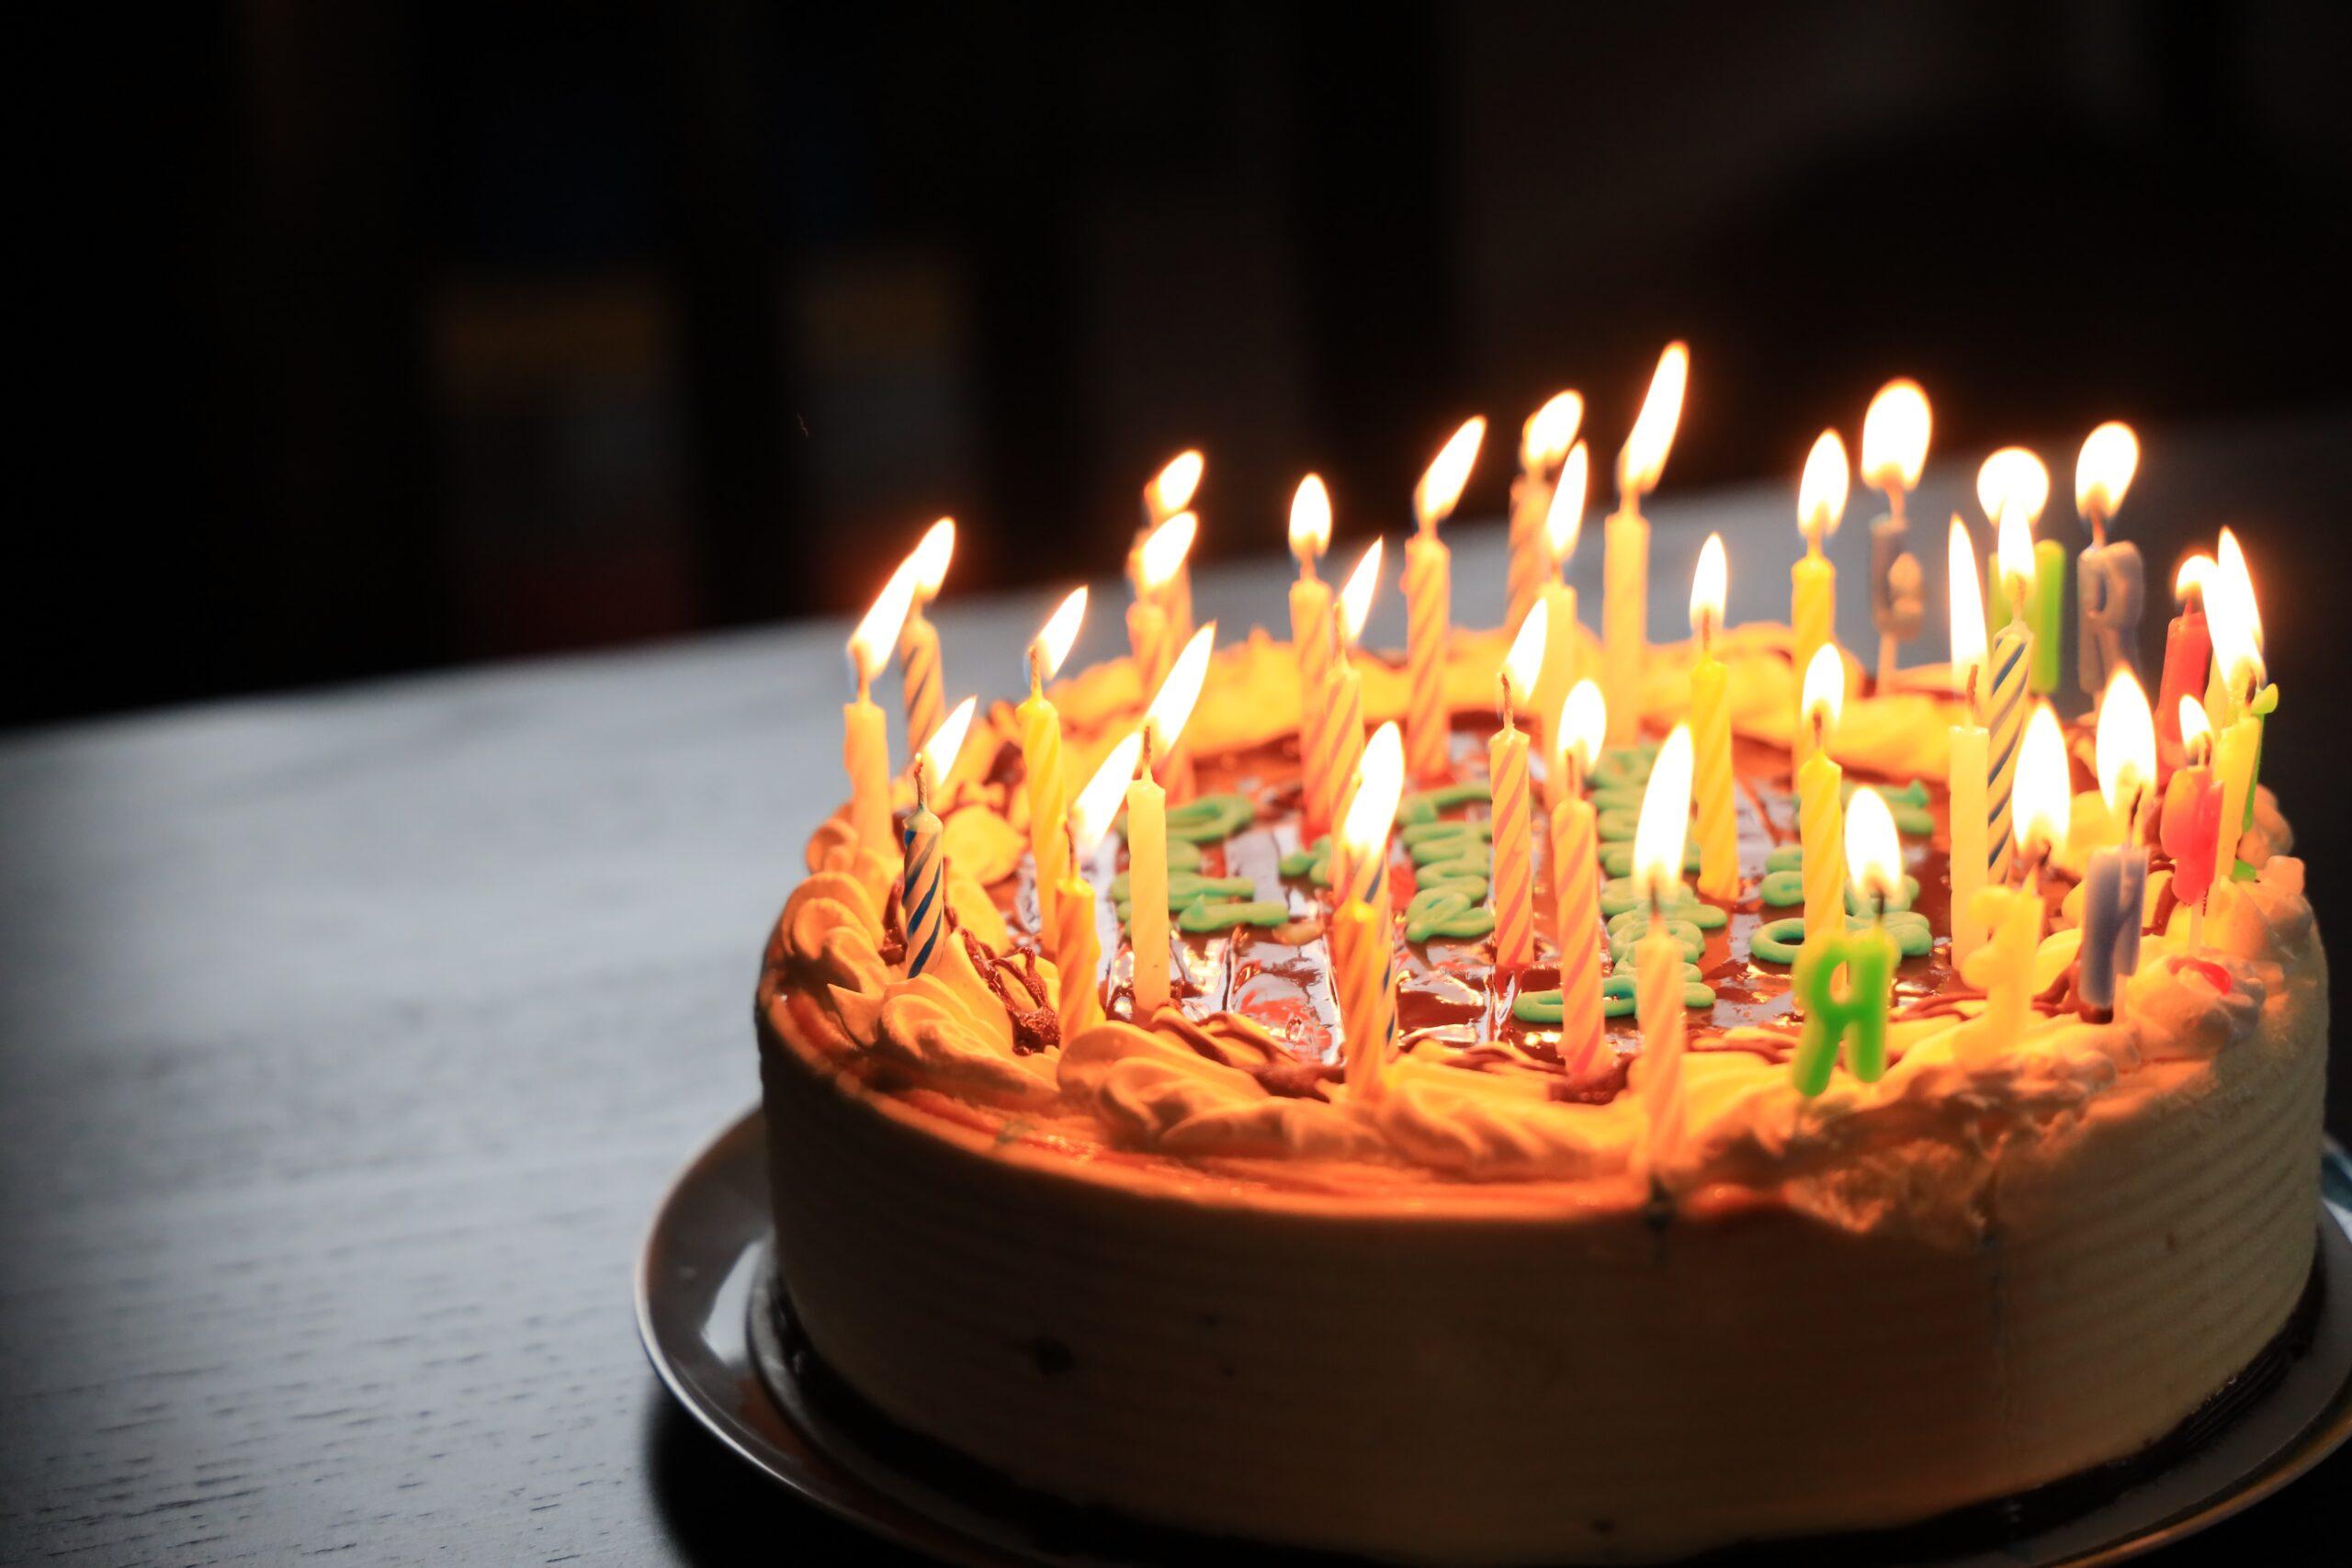 5 Good Reasons Life Begins at 40